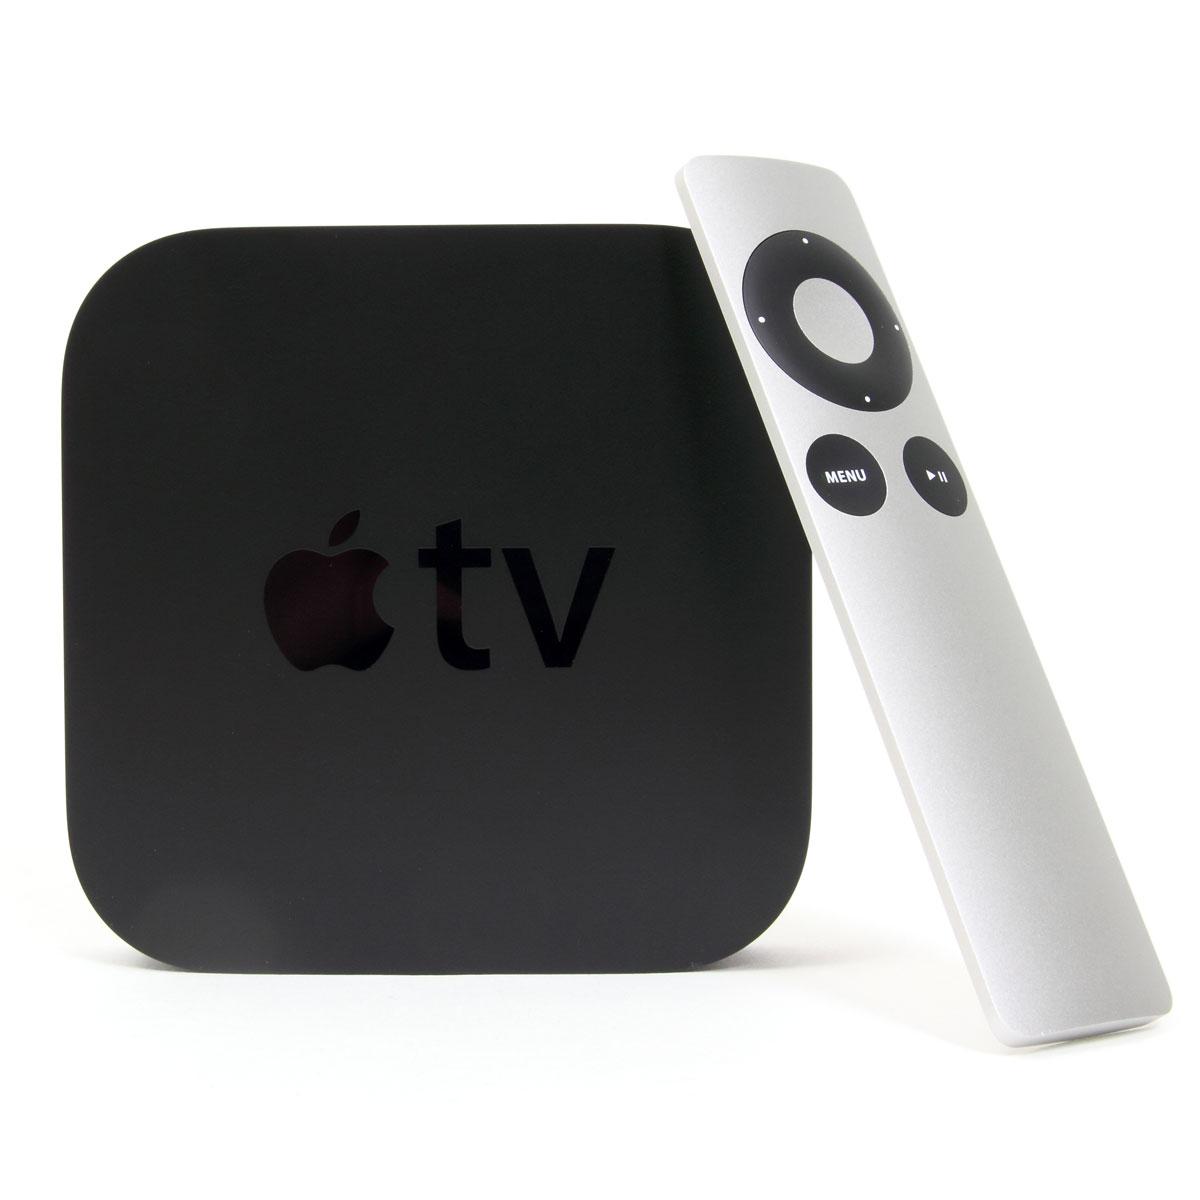 Lecteur multimédia Apple TV 3 (MD199FD/A) + AppleCare Protection Plan 2 ans Lecteur multimédia Haute Définition avec Airplay